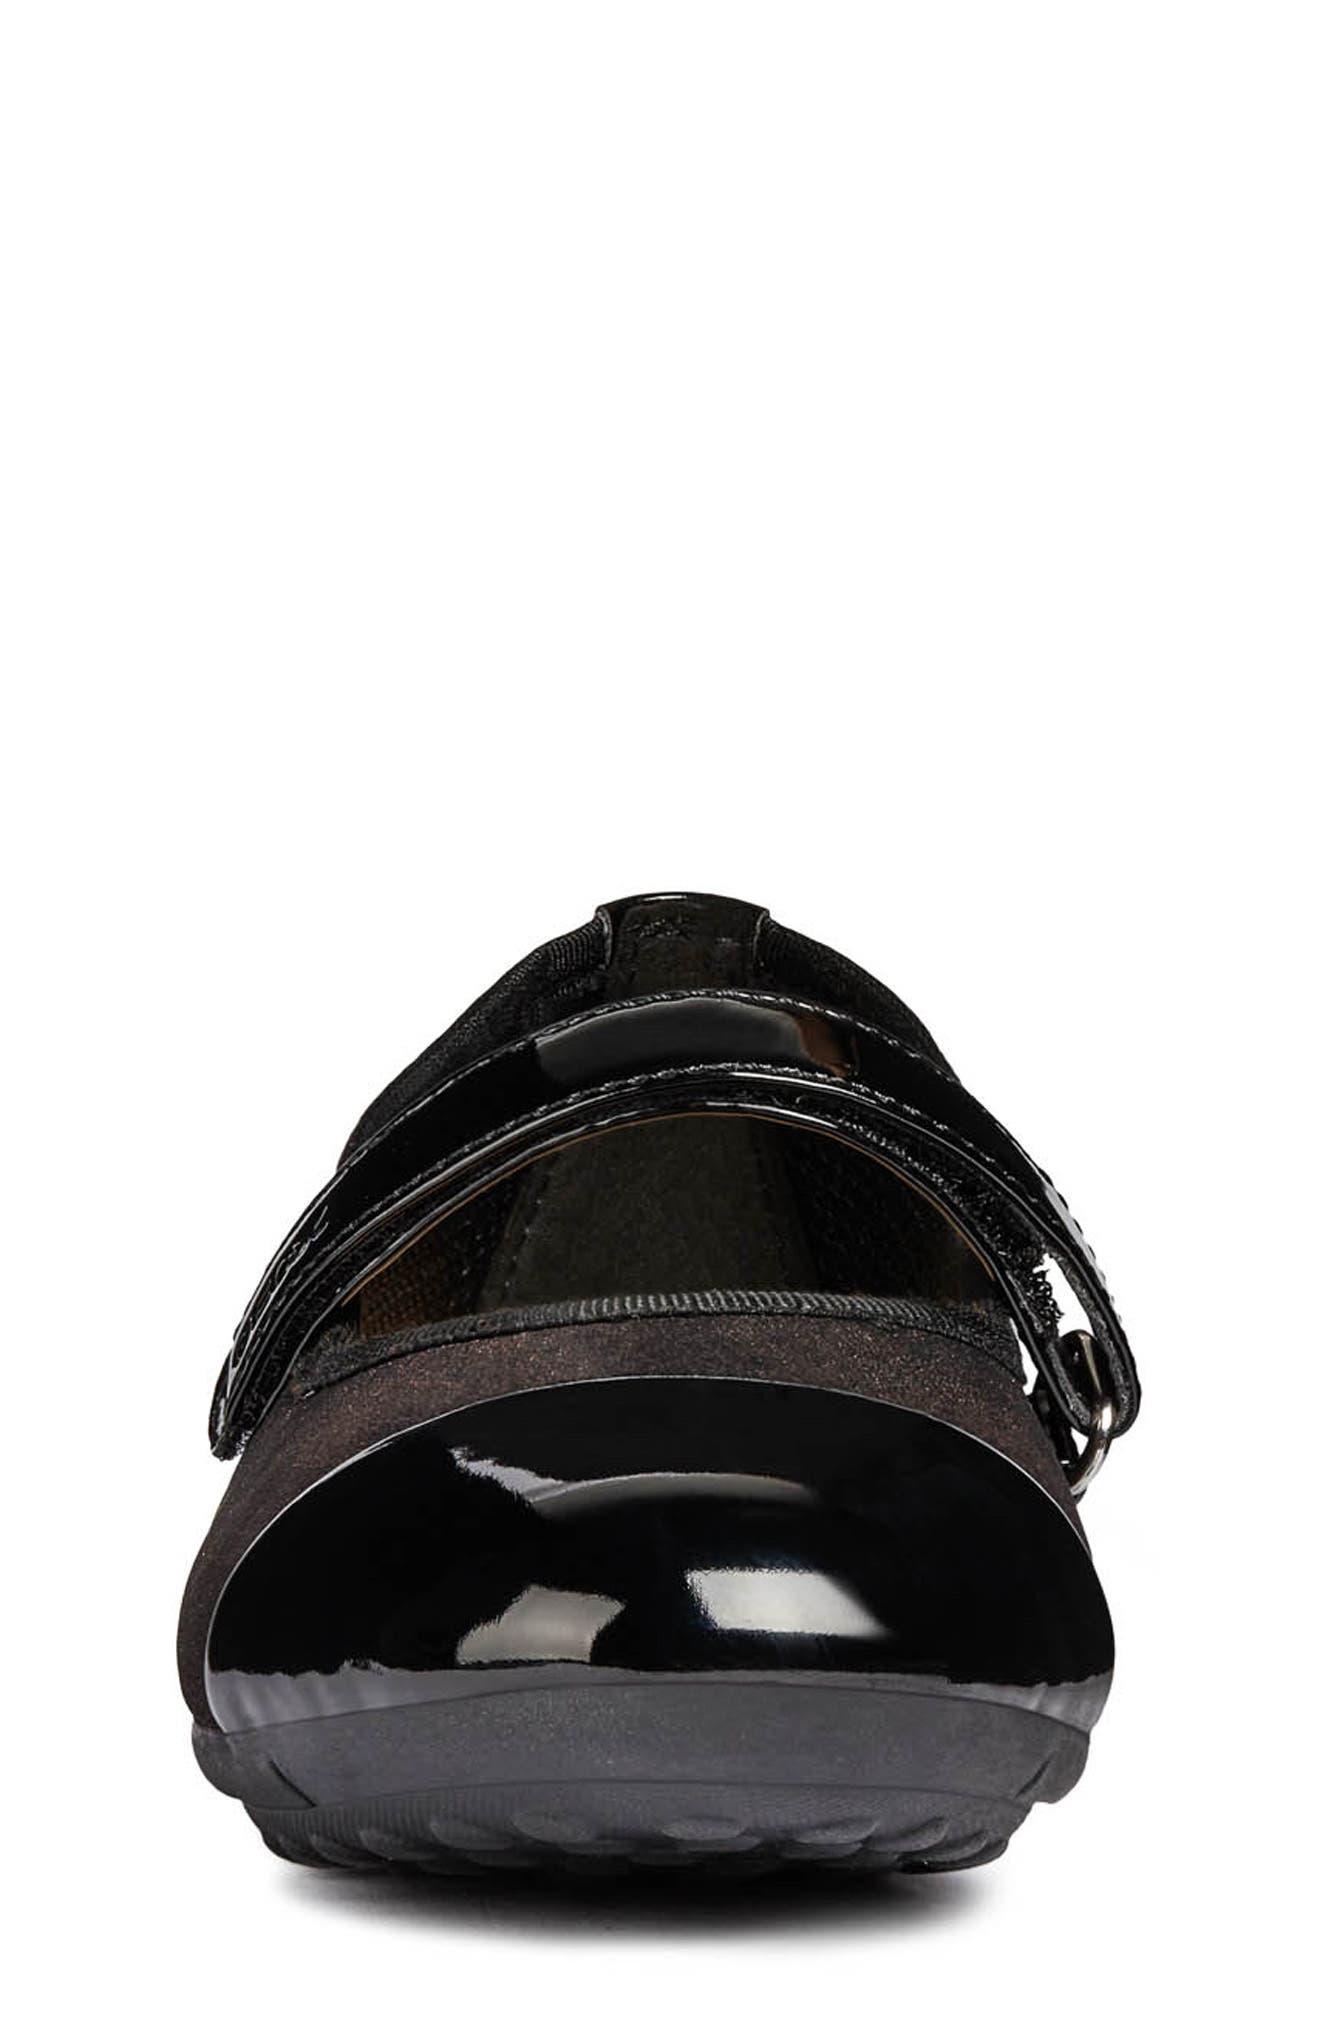 Piuma Mary Jane Flat,                             Alternate thumbnail 4, color,                             BLACK/ BORDEAUX